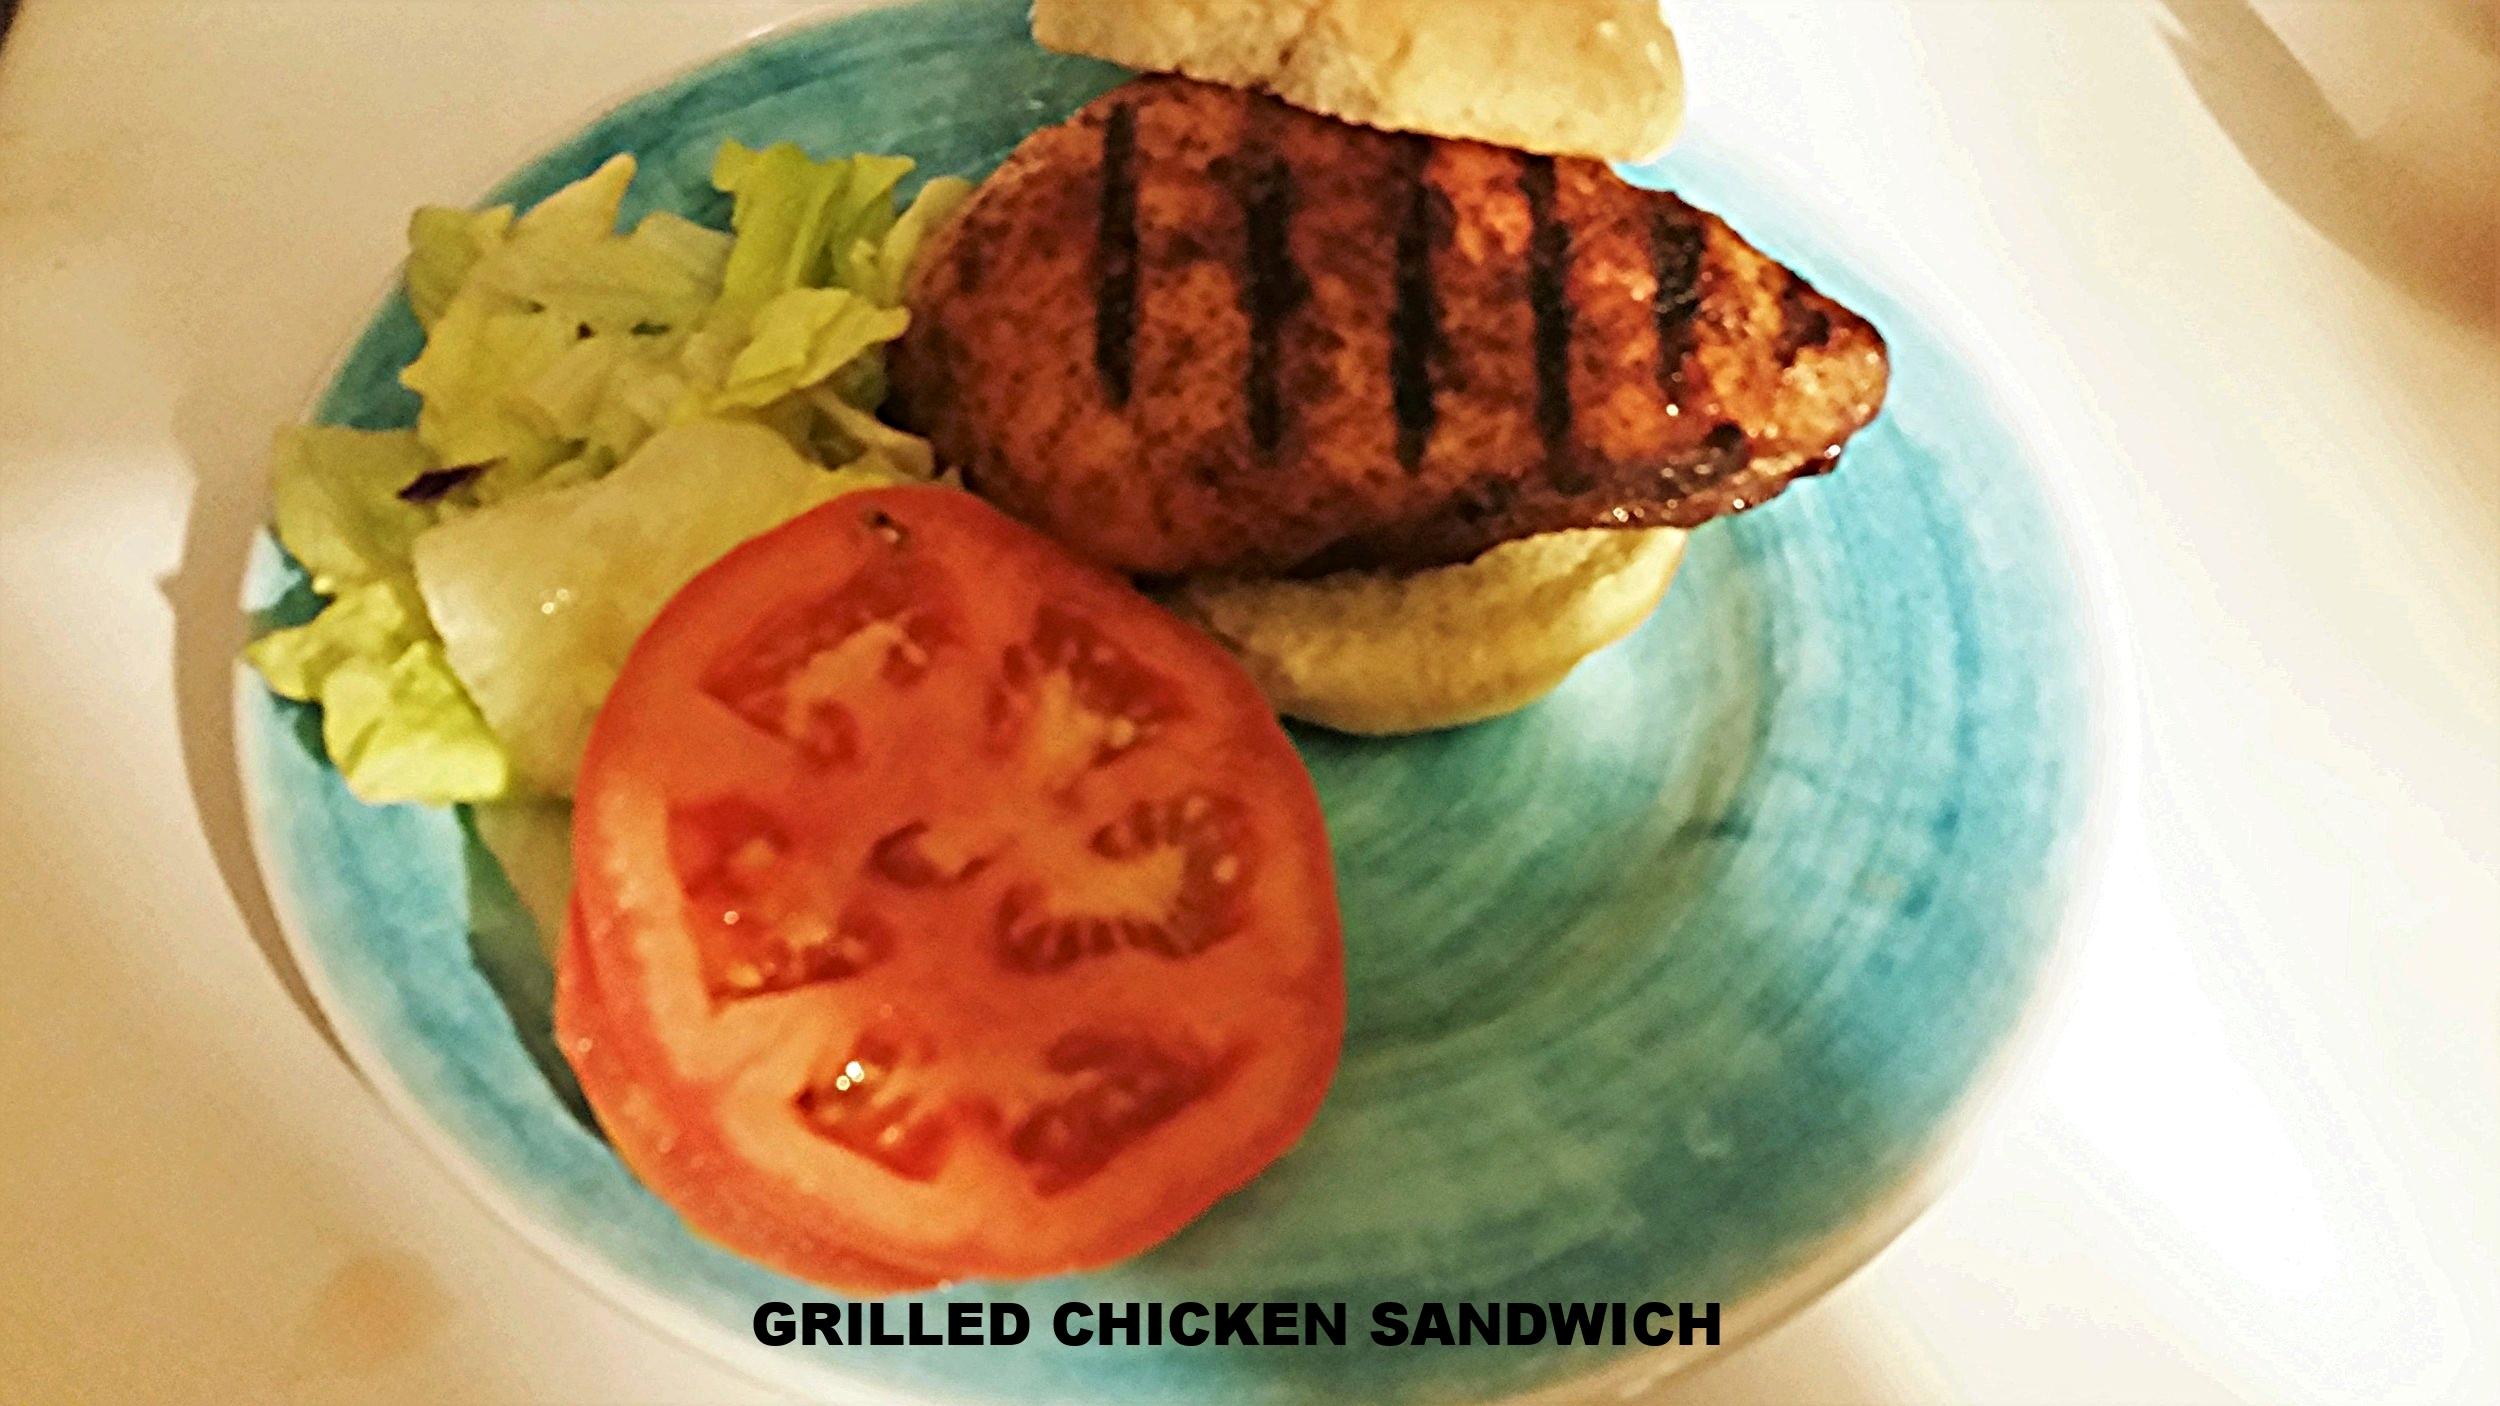 OfficialGrilledChickenSandwich.jpg